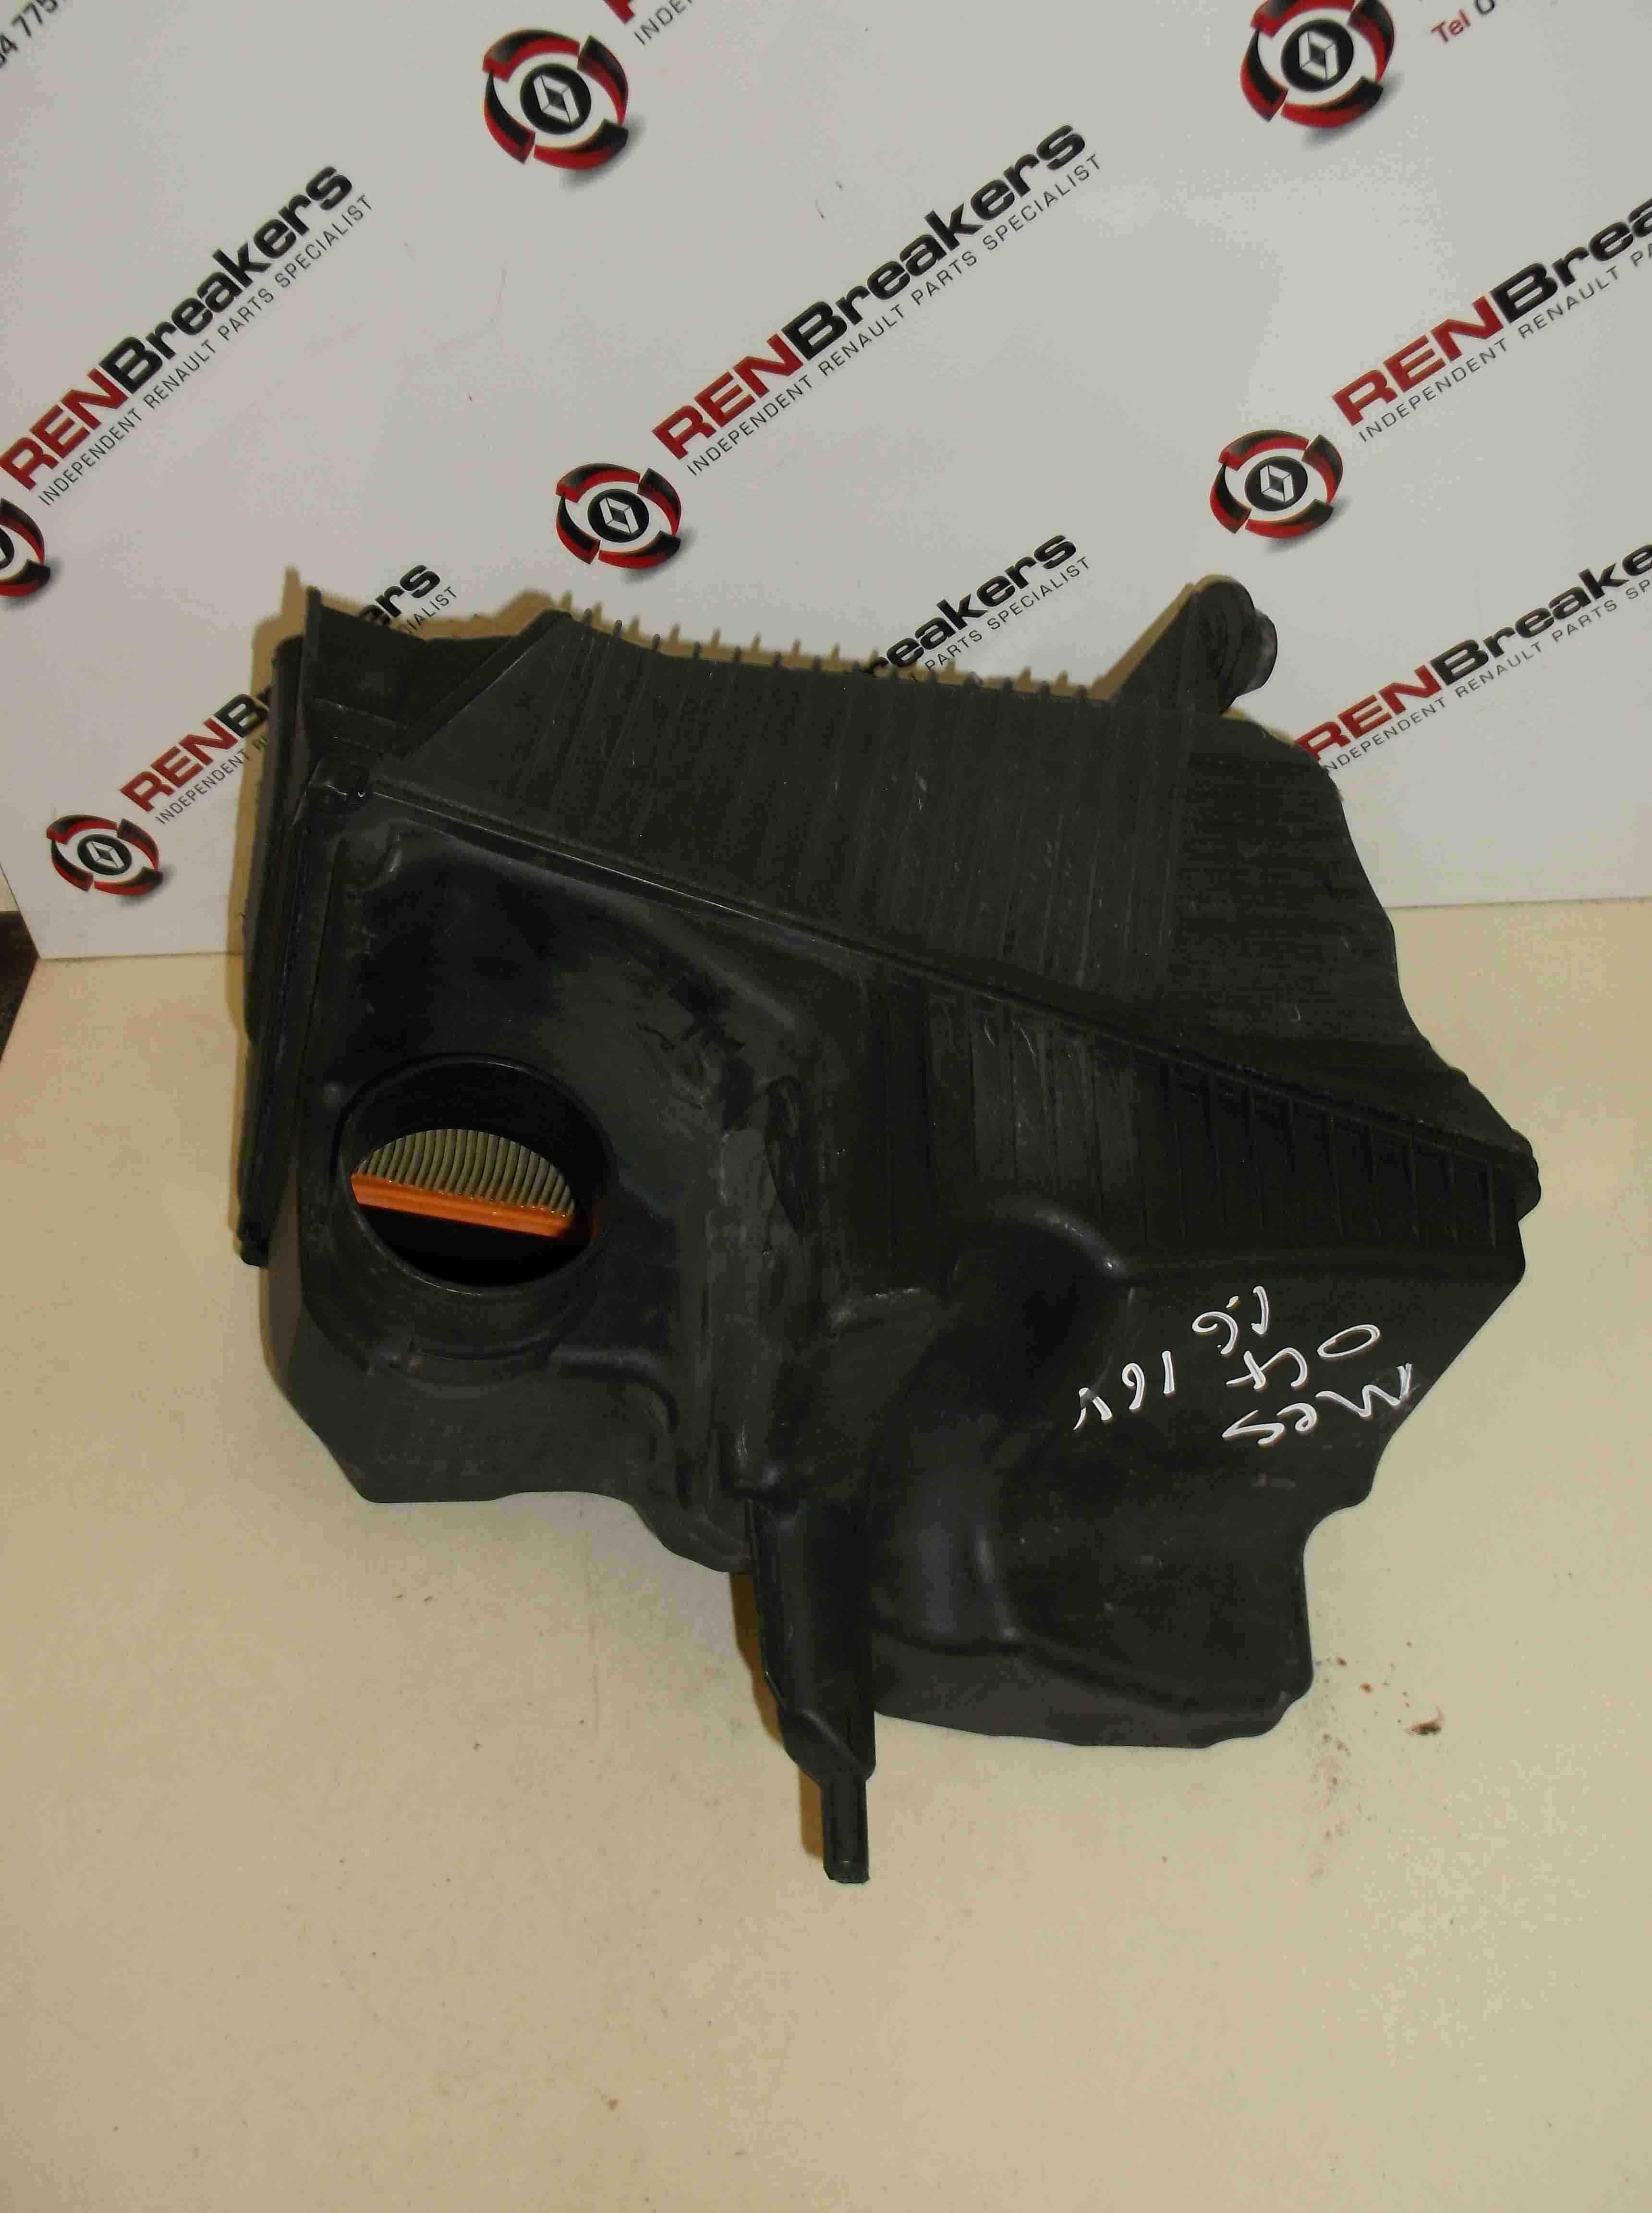 Renault Megane 2002-2008 1.6 16v Airbox Filter Housing Box